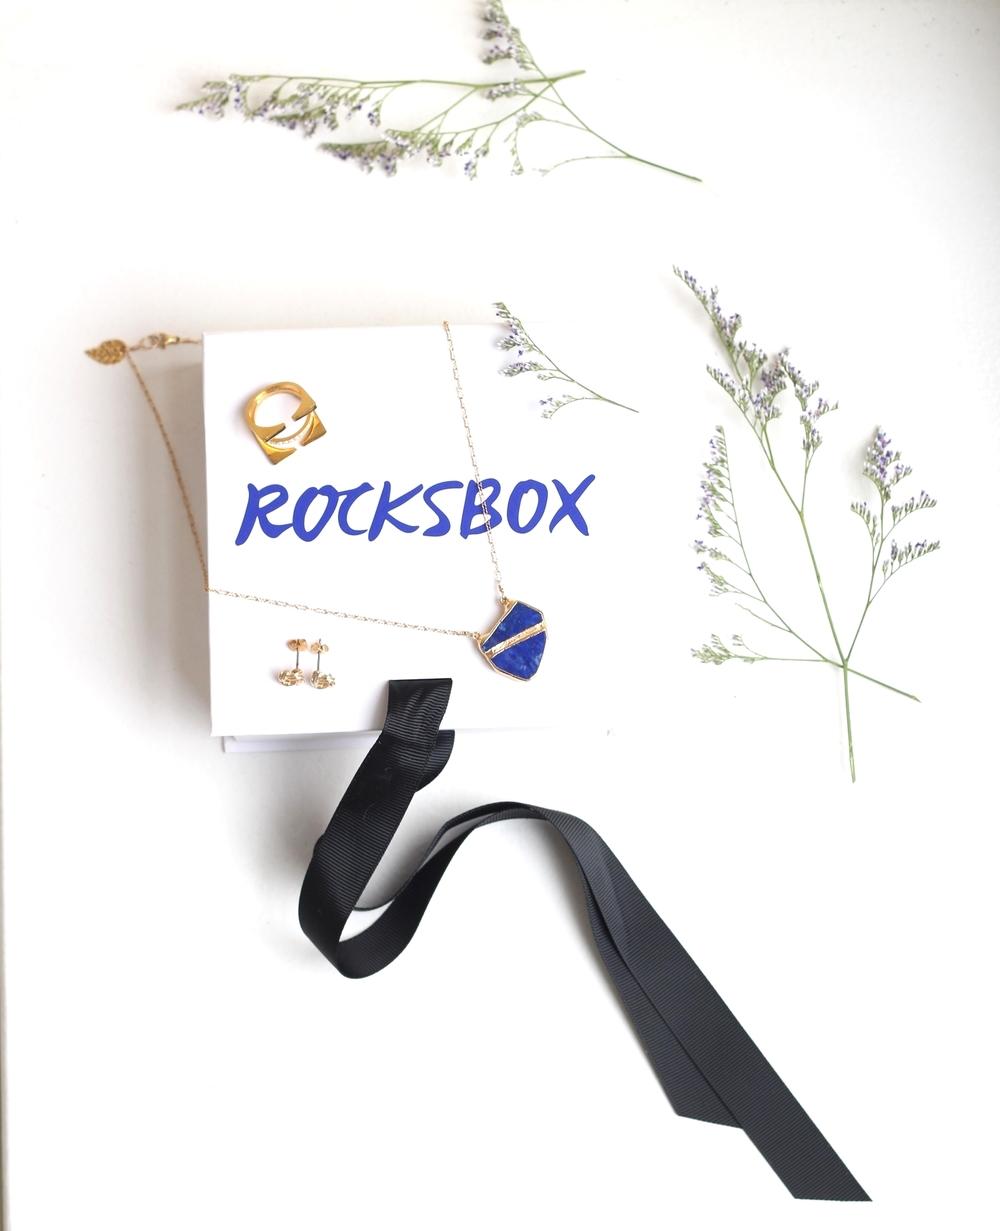 rocksbox_jewelry4.jpg